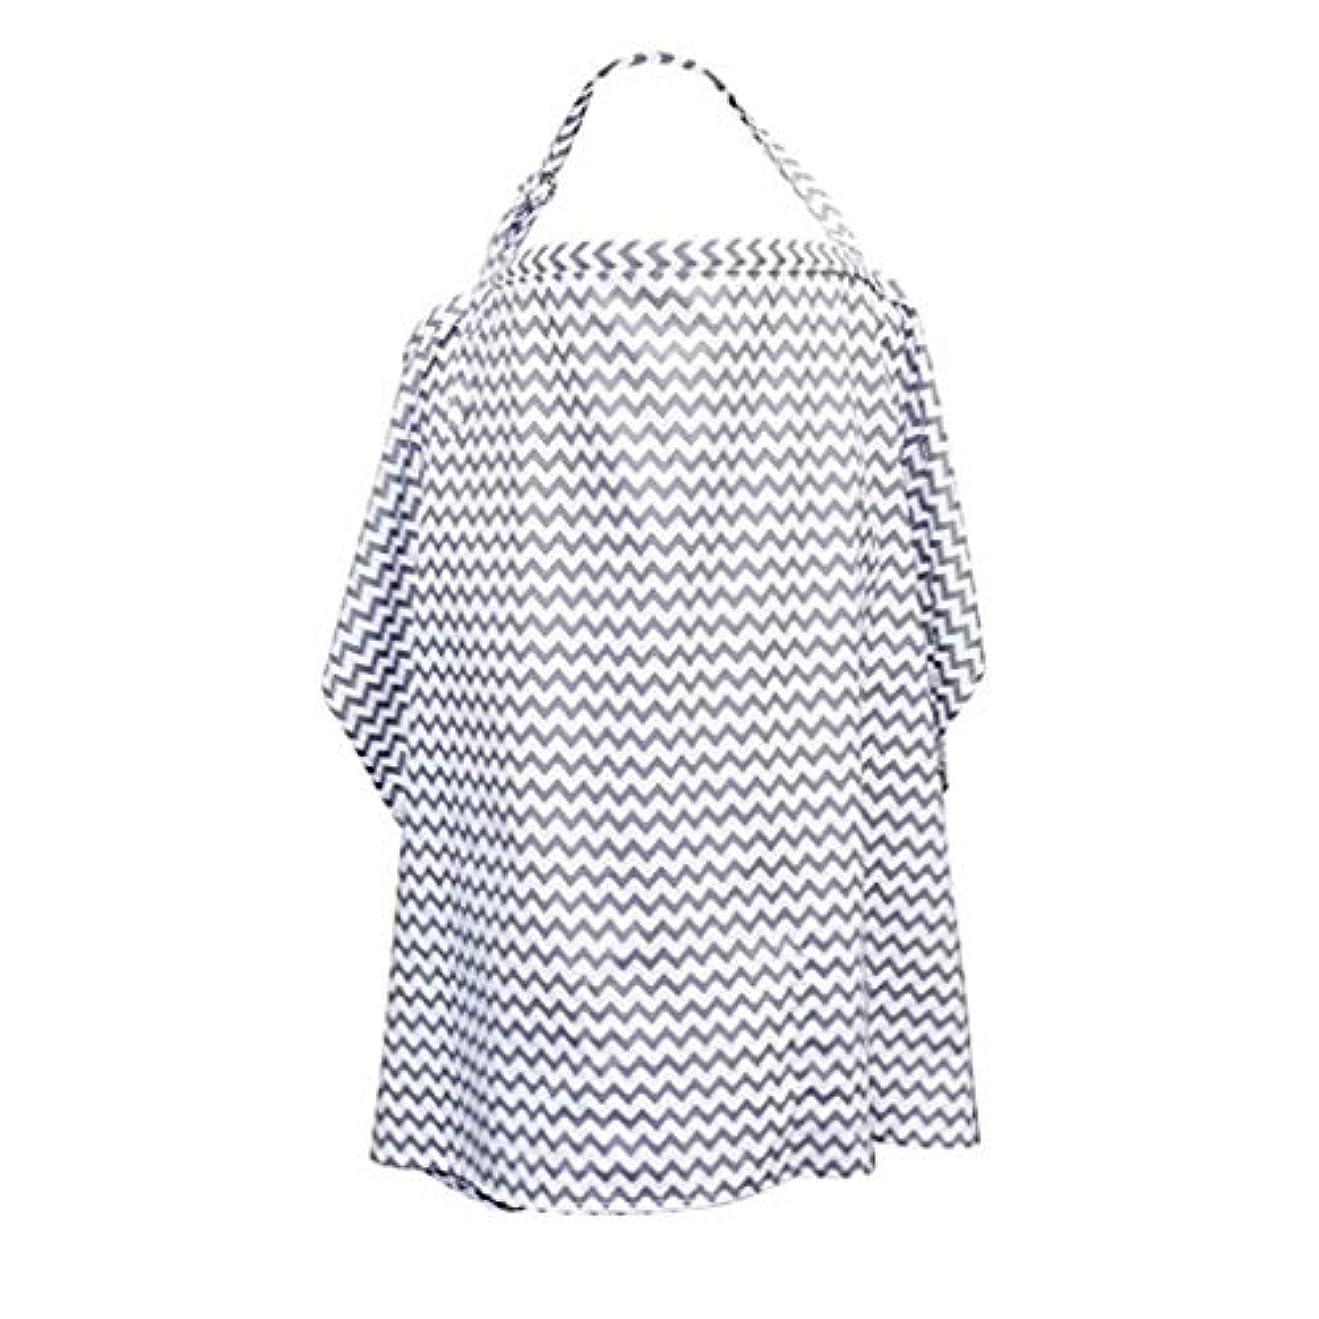 埋め込む夕食を食べる虚弱調節可能なストラップ付き母乳育児カバー - 100%プレミアムコットンベースの看護カバー - 屋外給餌赤ちゃん看護布 - 収納バッグ&タオルコーナー (グレー)